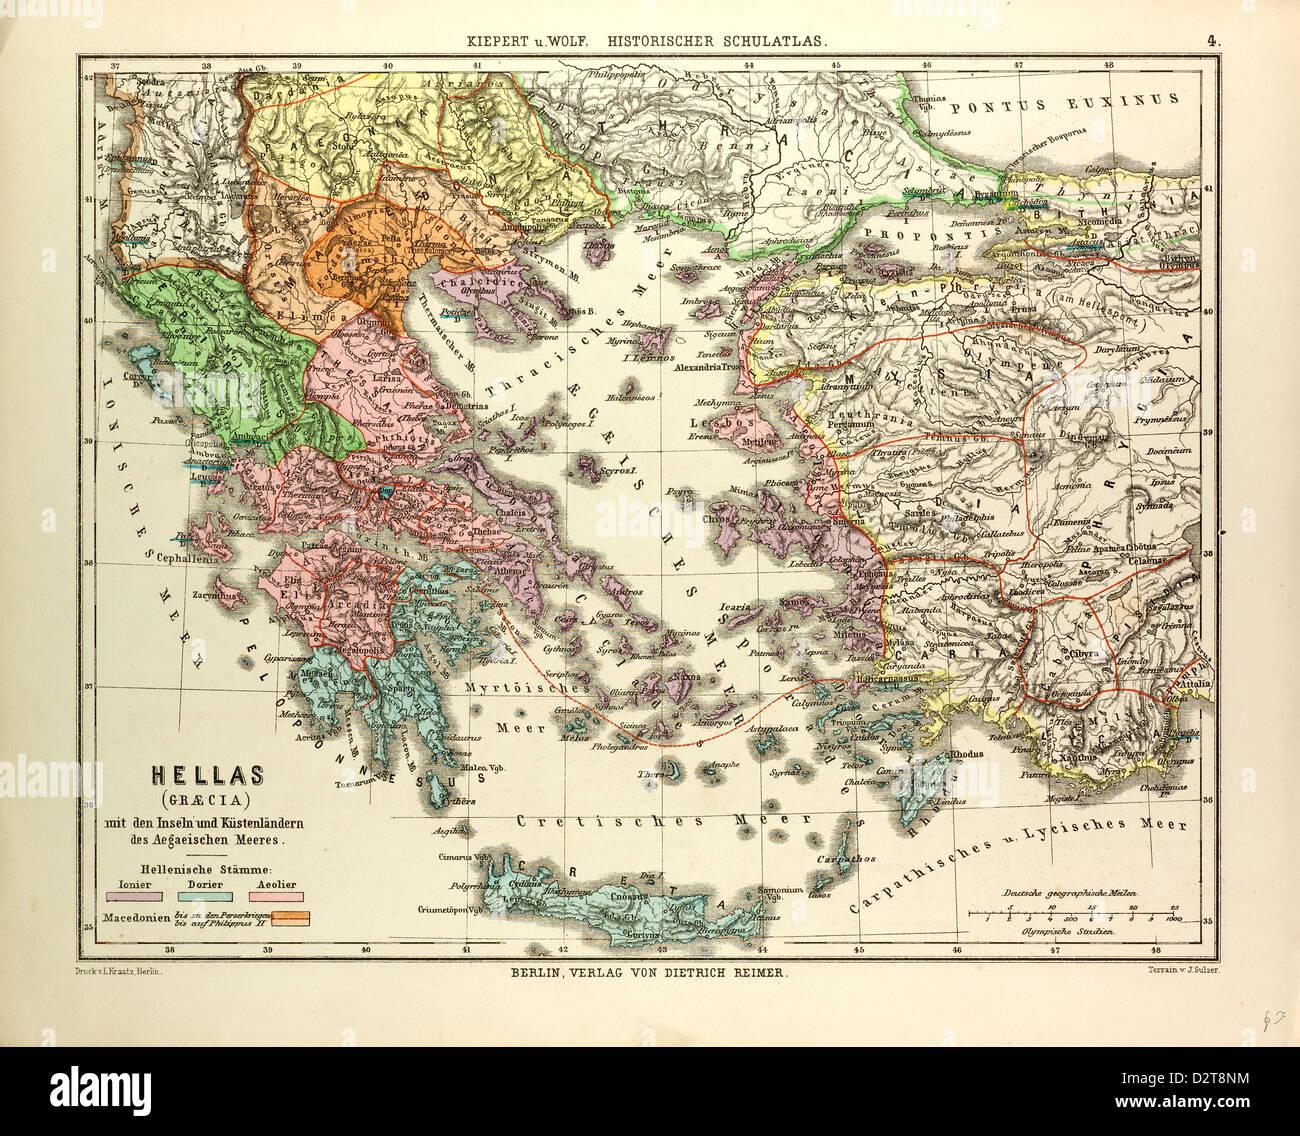 Griechenland Karte Kreta.Alte Karte Von Griechenland Und Kreta Stockfoto Bild